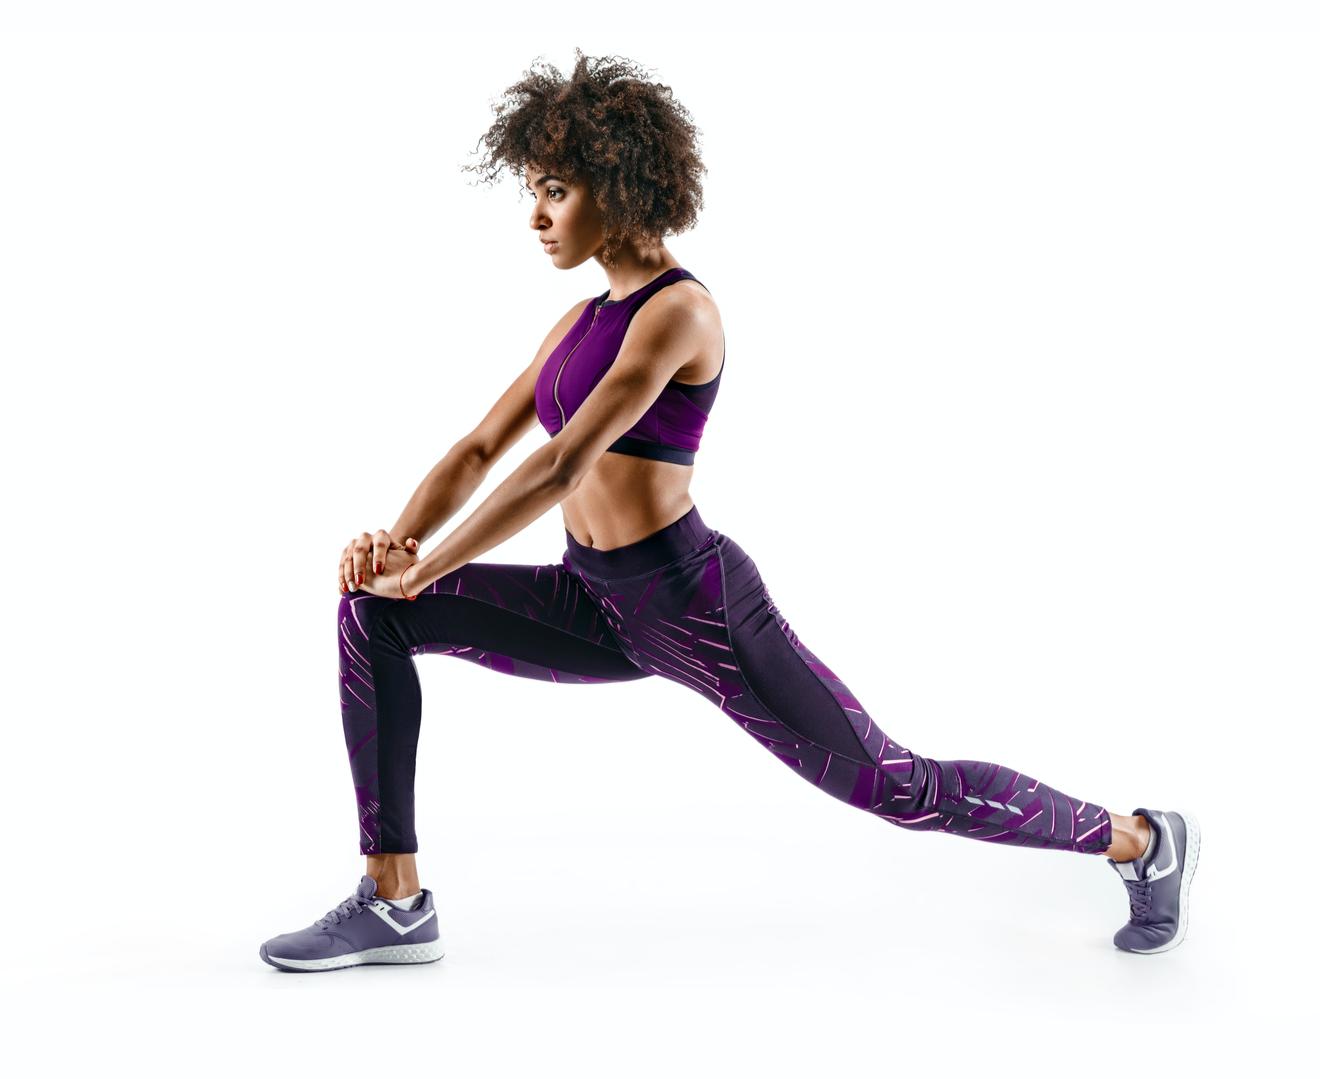 Femme S'étirant Et Faisant Des Excercices De Stretching